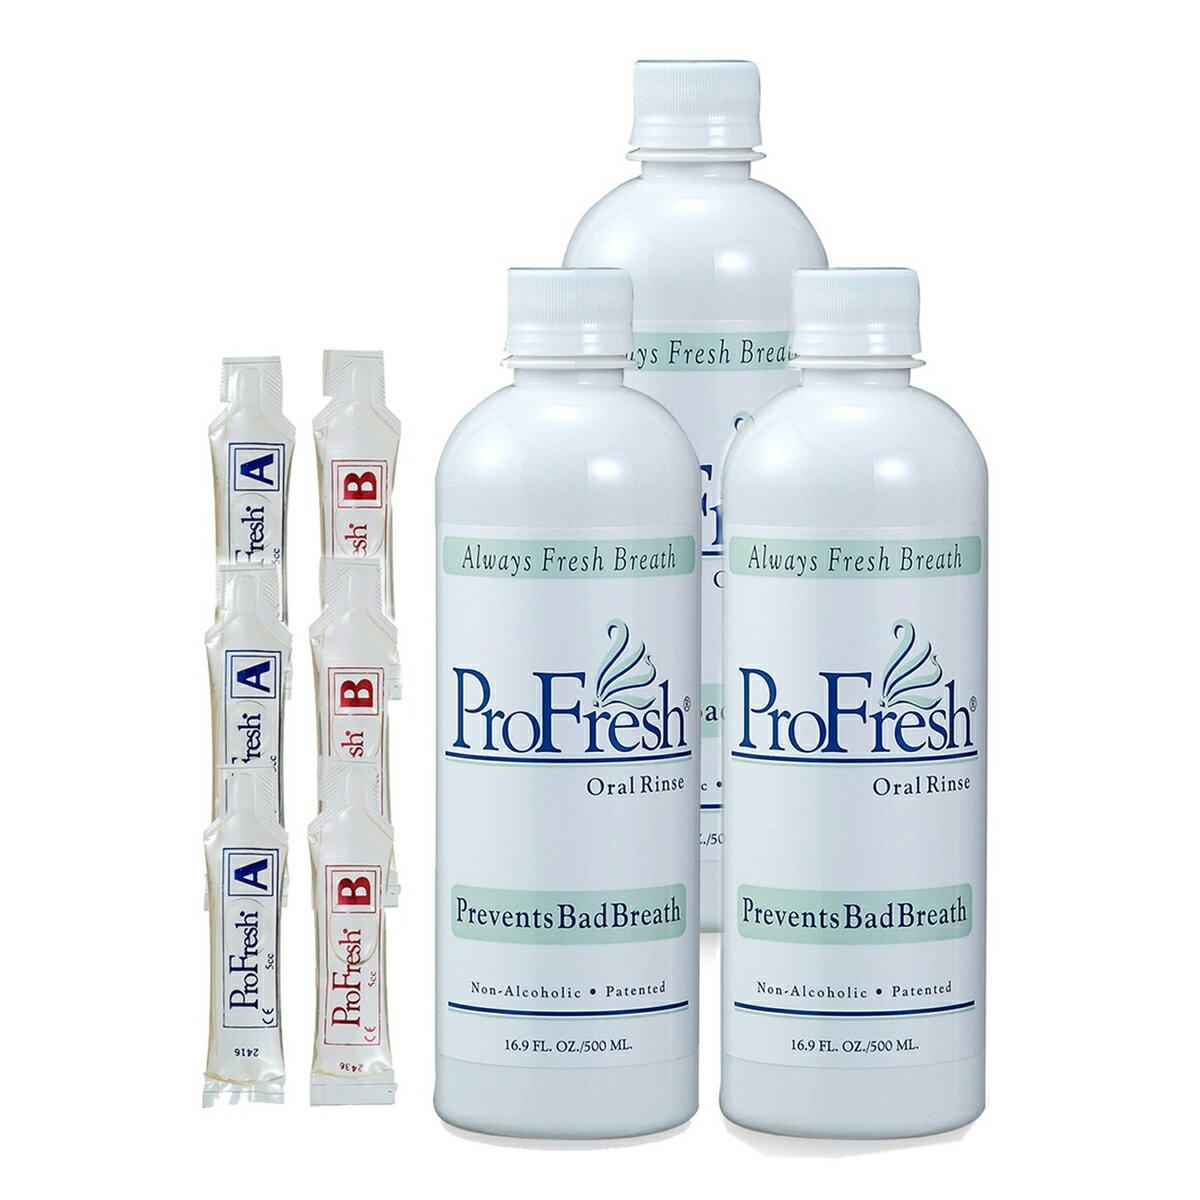 今ダケ!【送料無料】プロフレッシュ オーラルリンス3本セット 長時間口臭予防  PROFRESH 酸素の力で長時間 口臭 予防 30秒間すすいだあと、ブラッシング